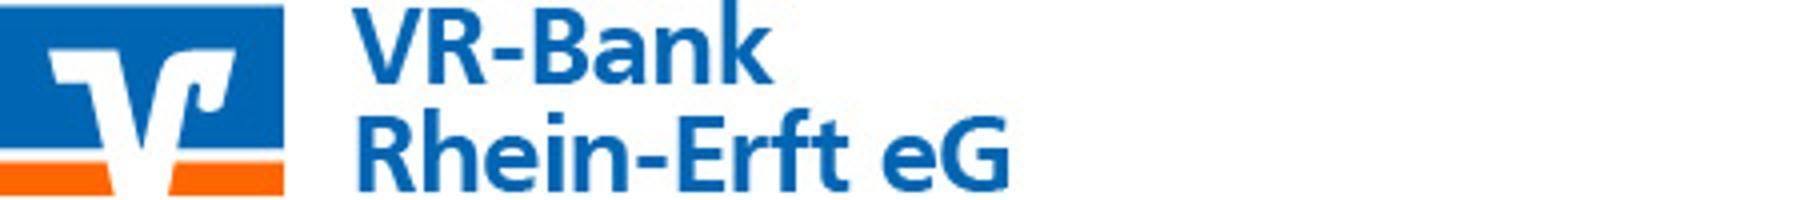 VR-Bank Rhein-Erft eG - SB-Bereich Wesseling